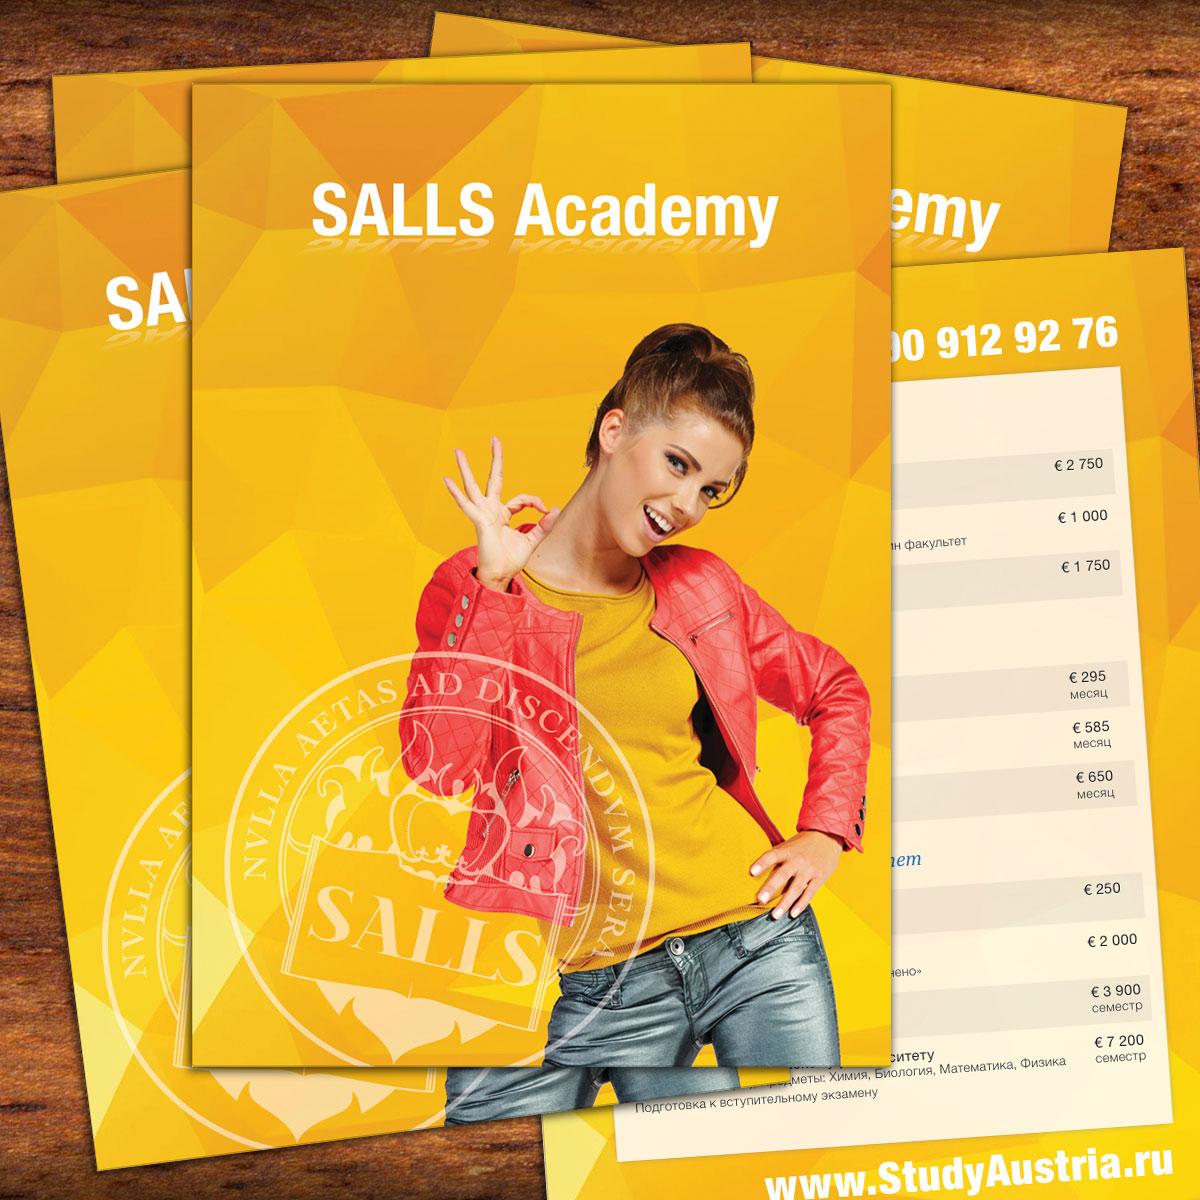 SALLS Corporate Design